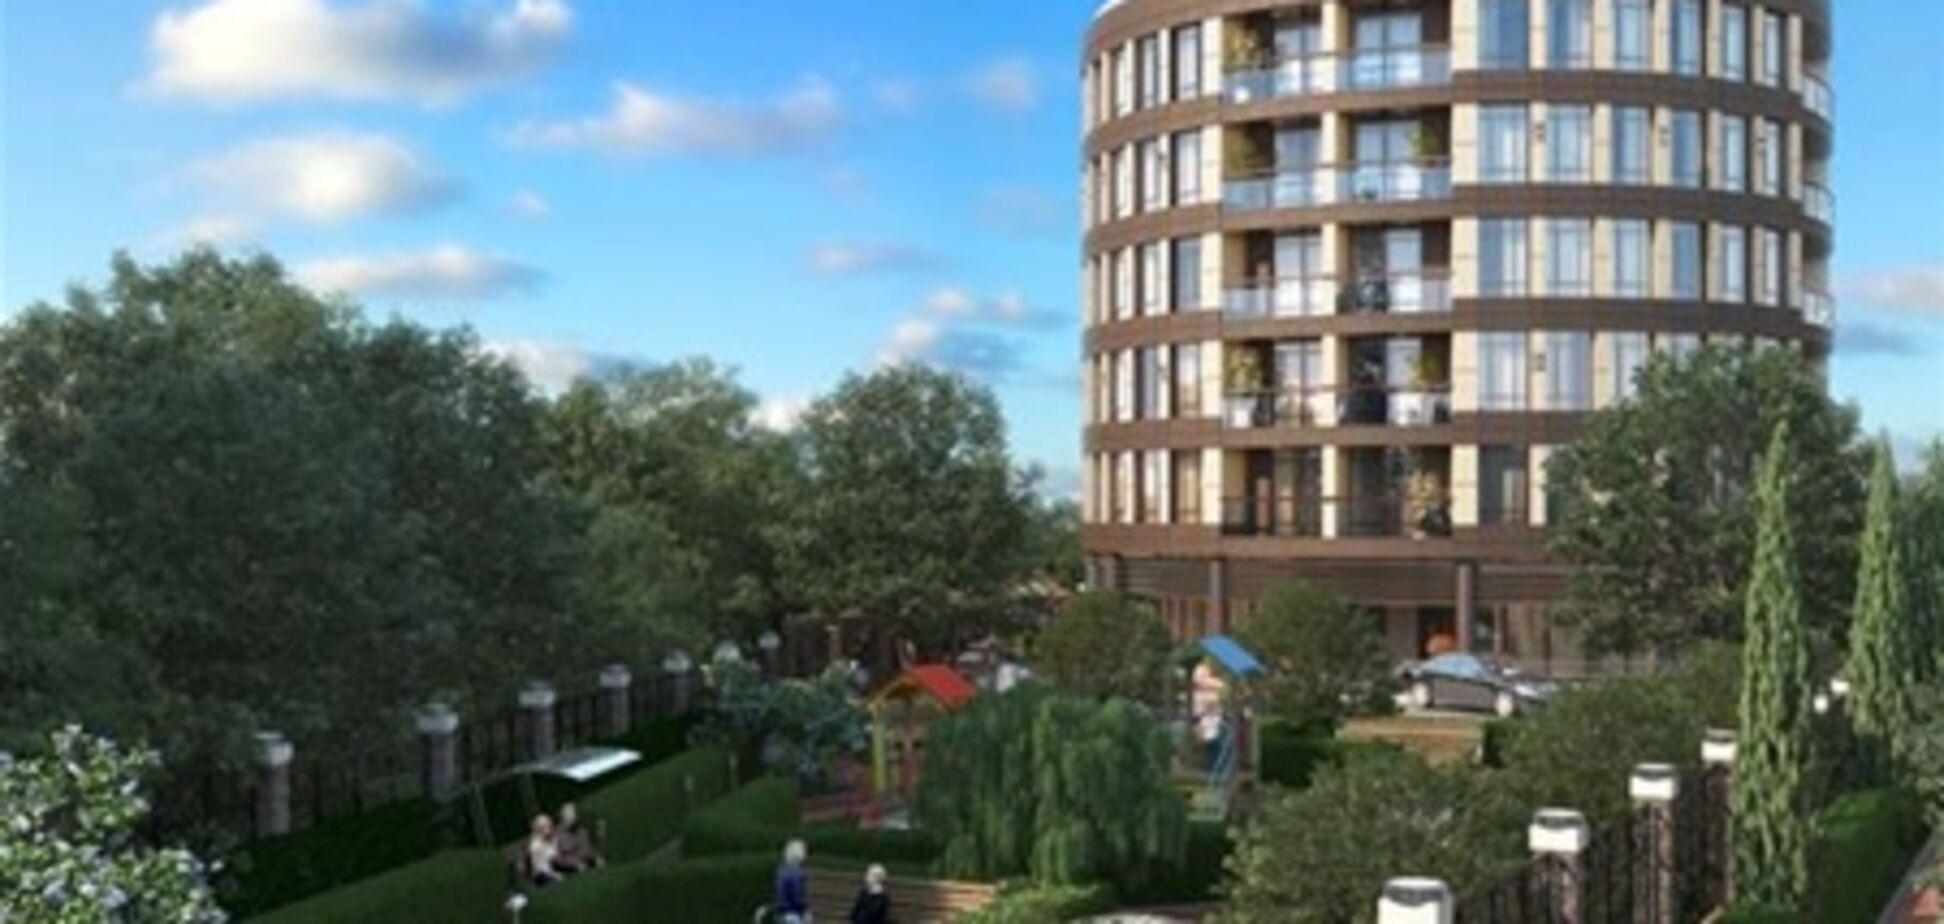 В августе на аренду элитной недвижимости киевляне потратили $121 тысячу